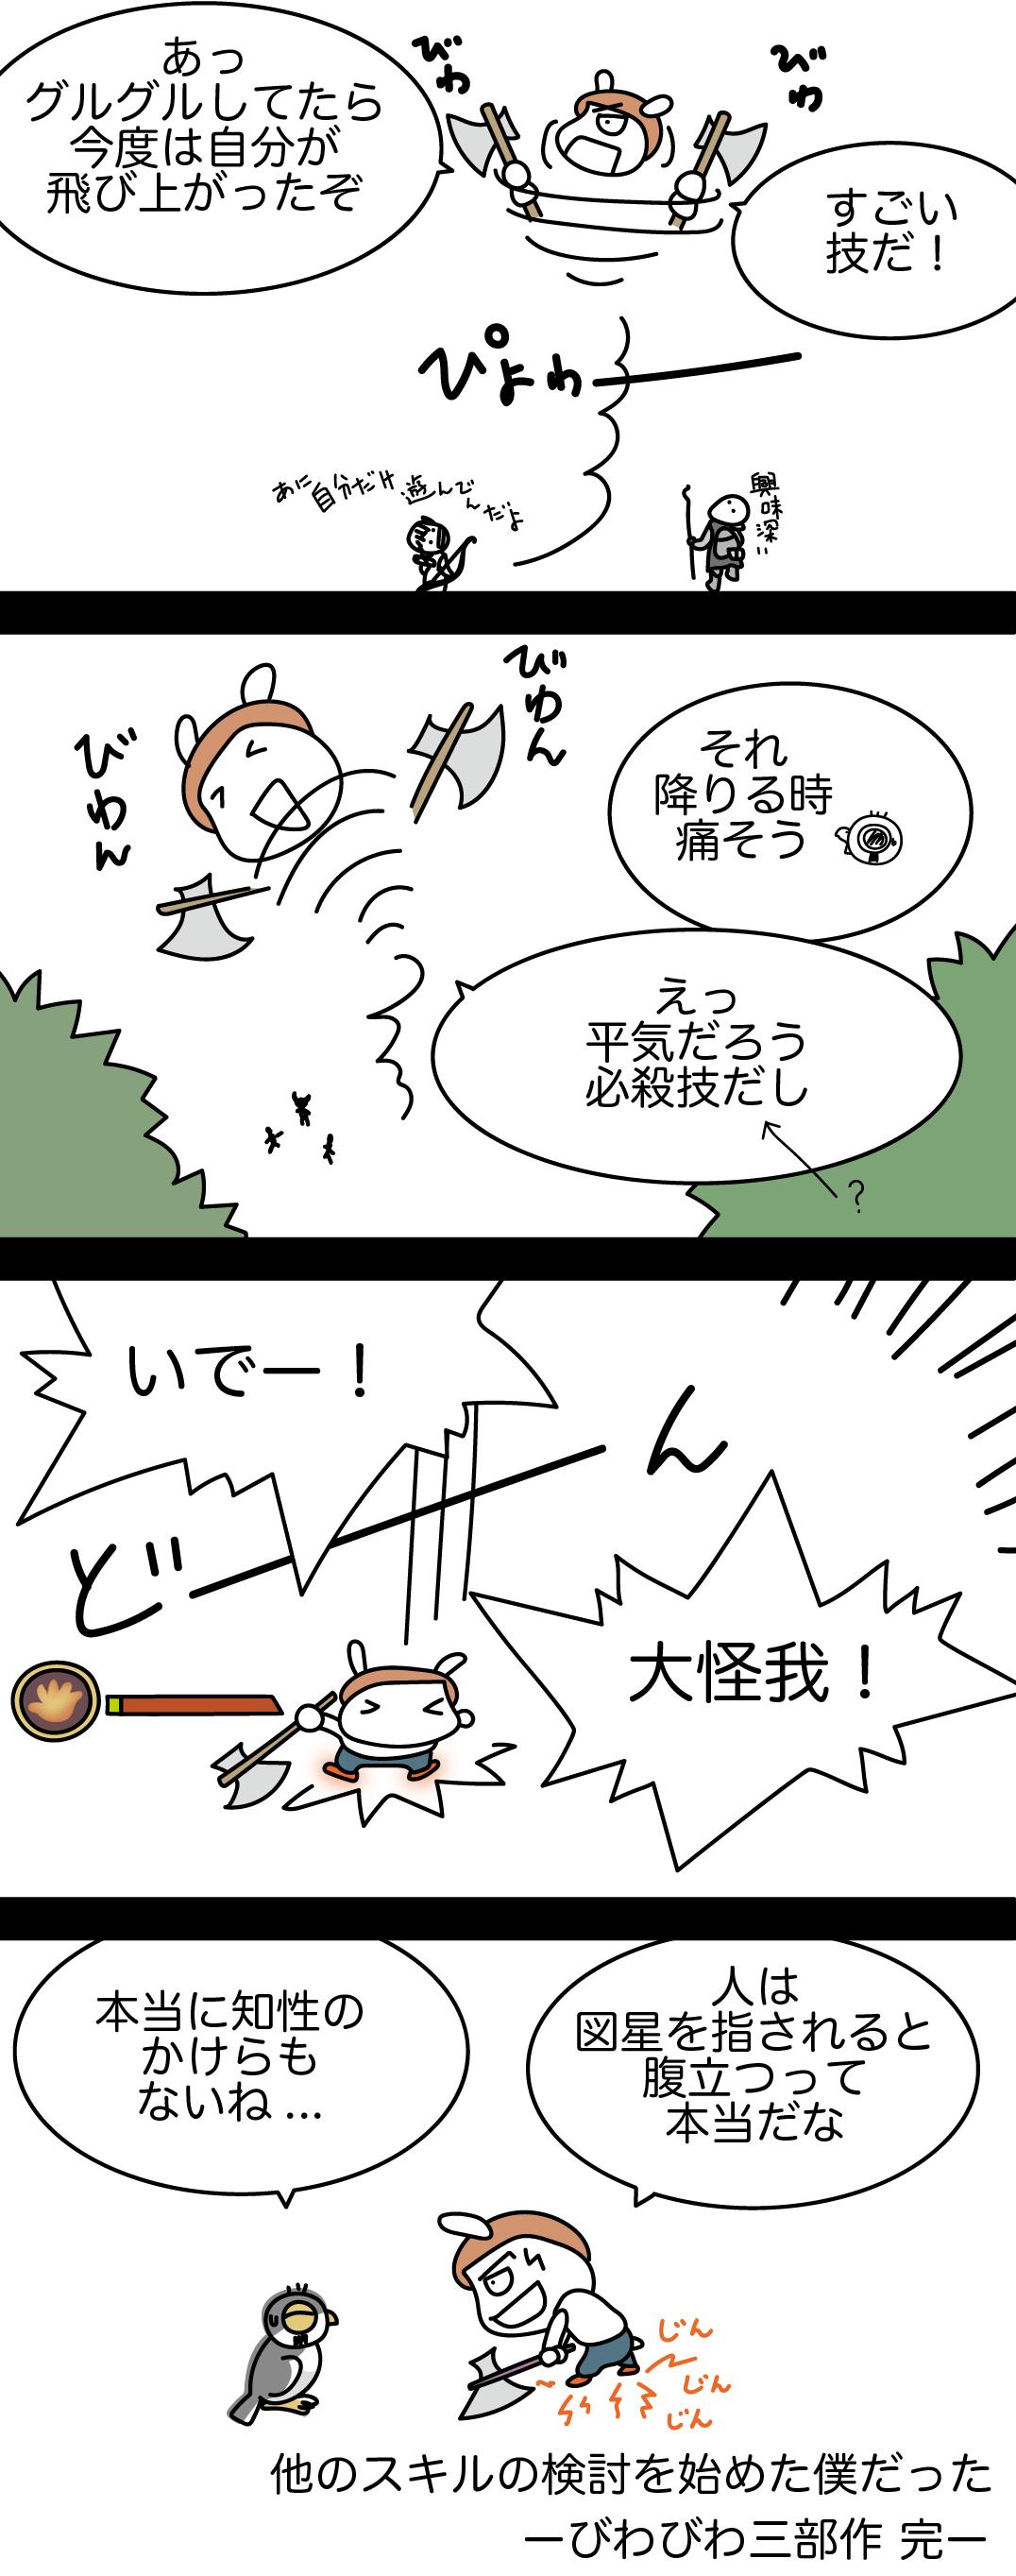 ドラゴンエイジ:インクイジション漫画日記グルグル最強3